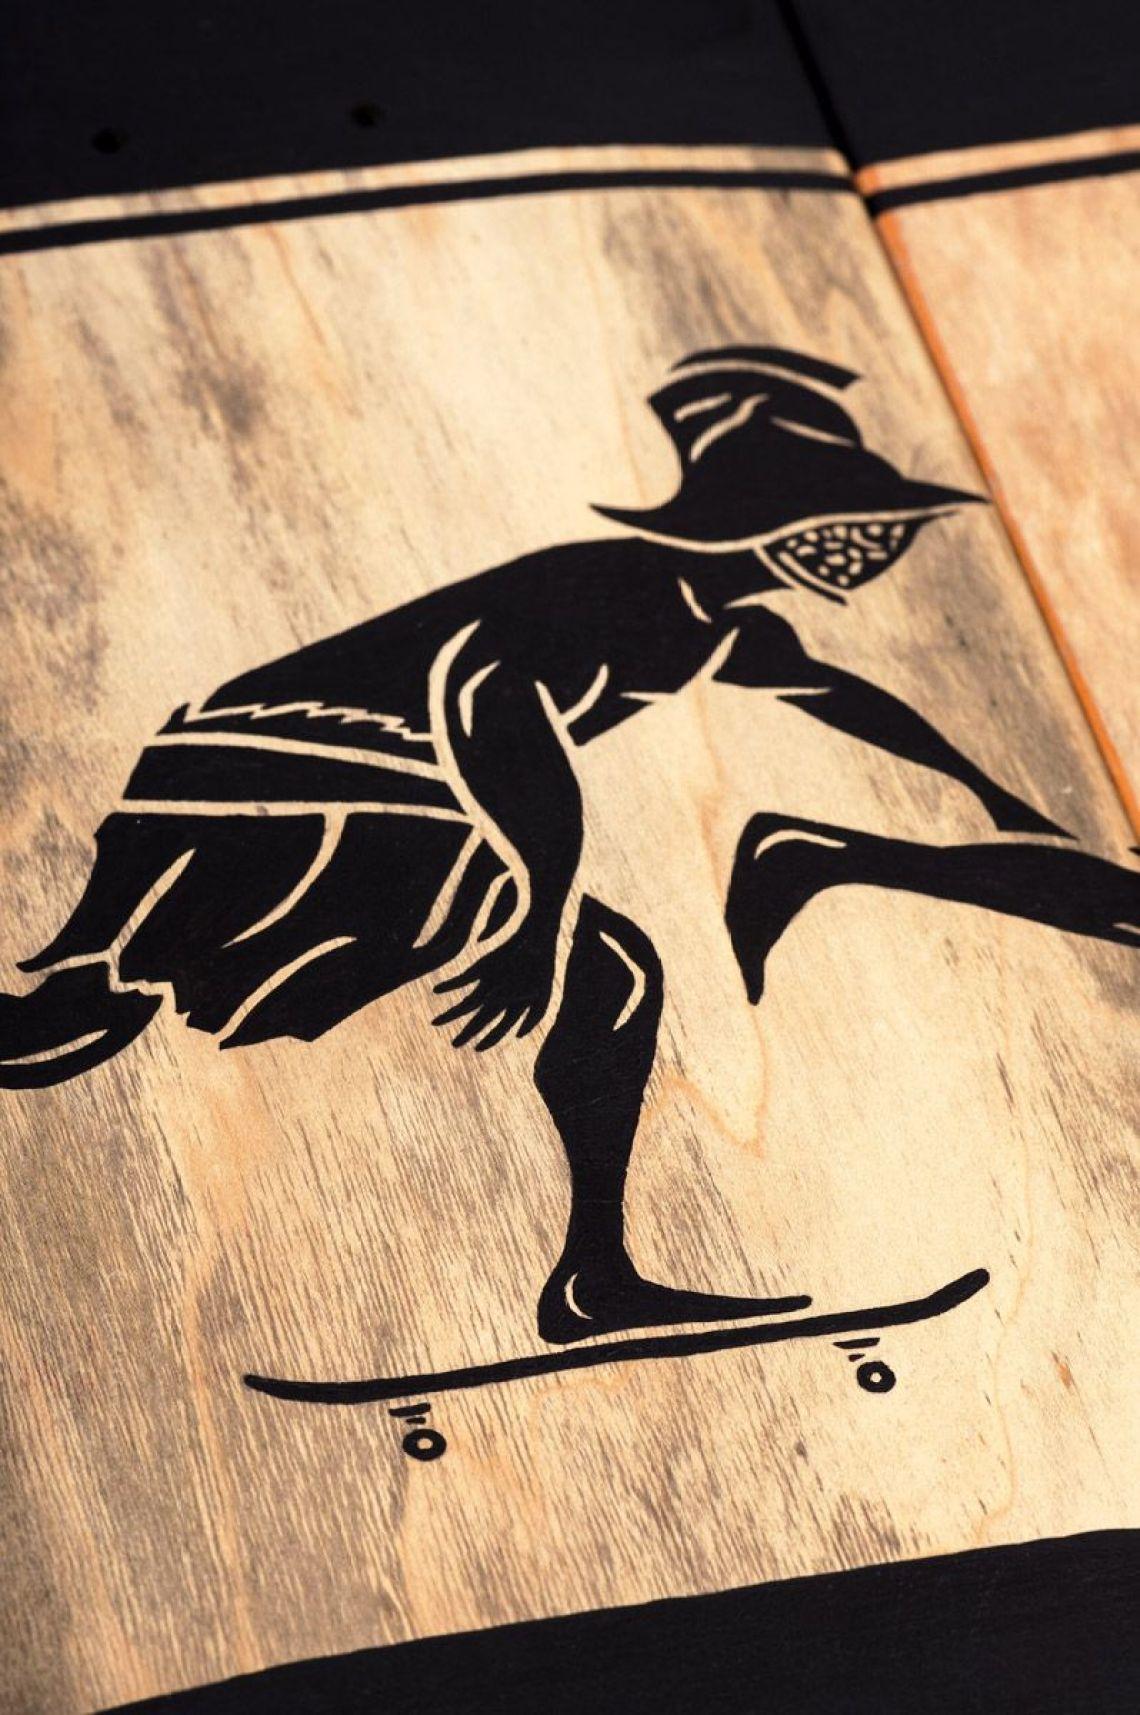 Skunus Gladiatorium Skate Sculpture By Rom Avjc 12